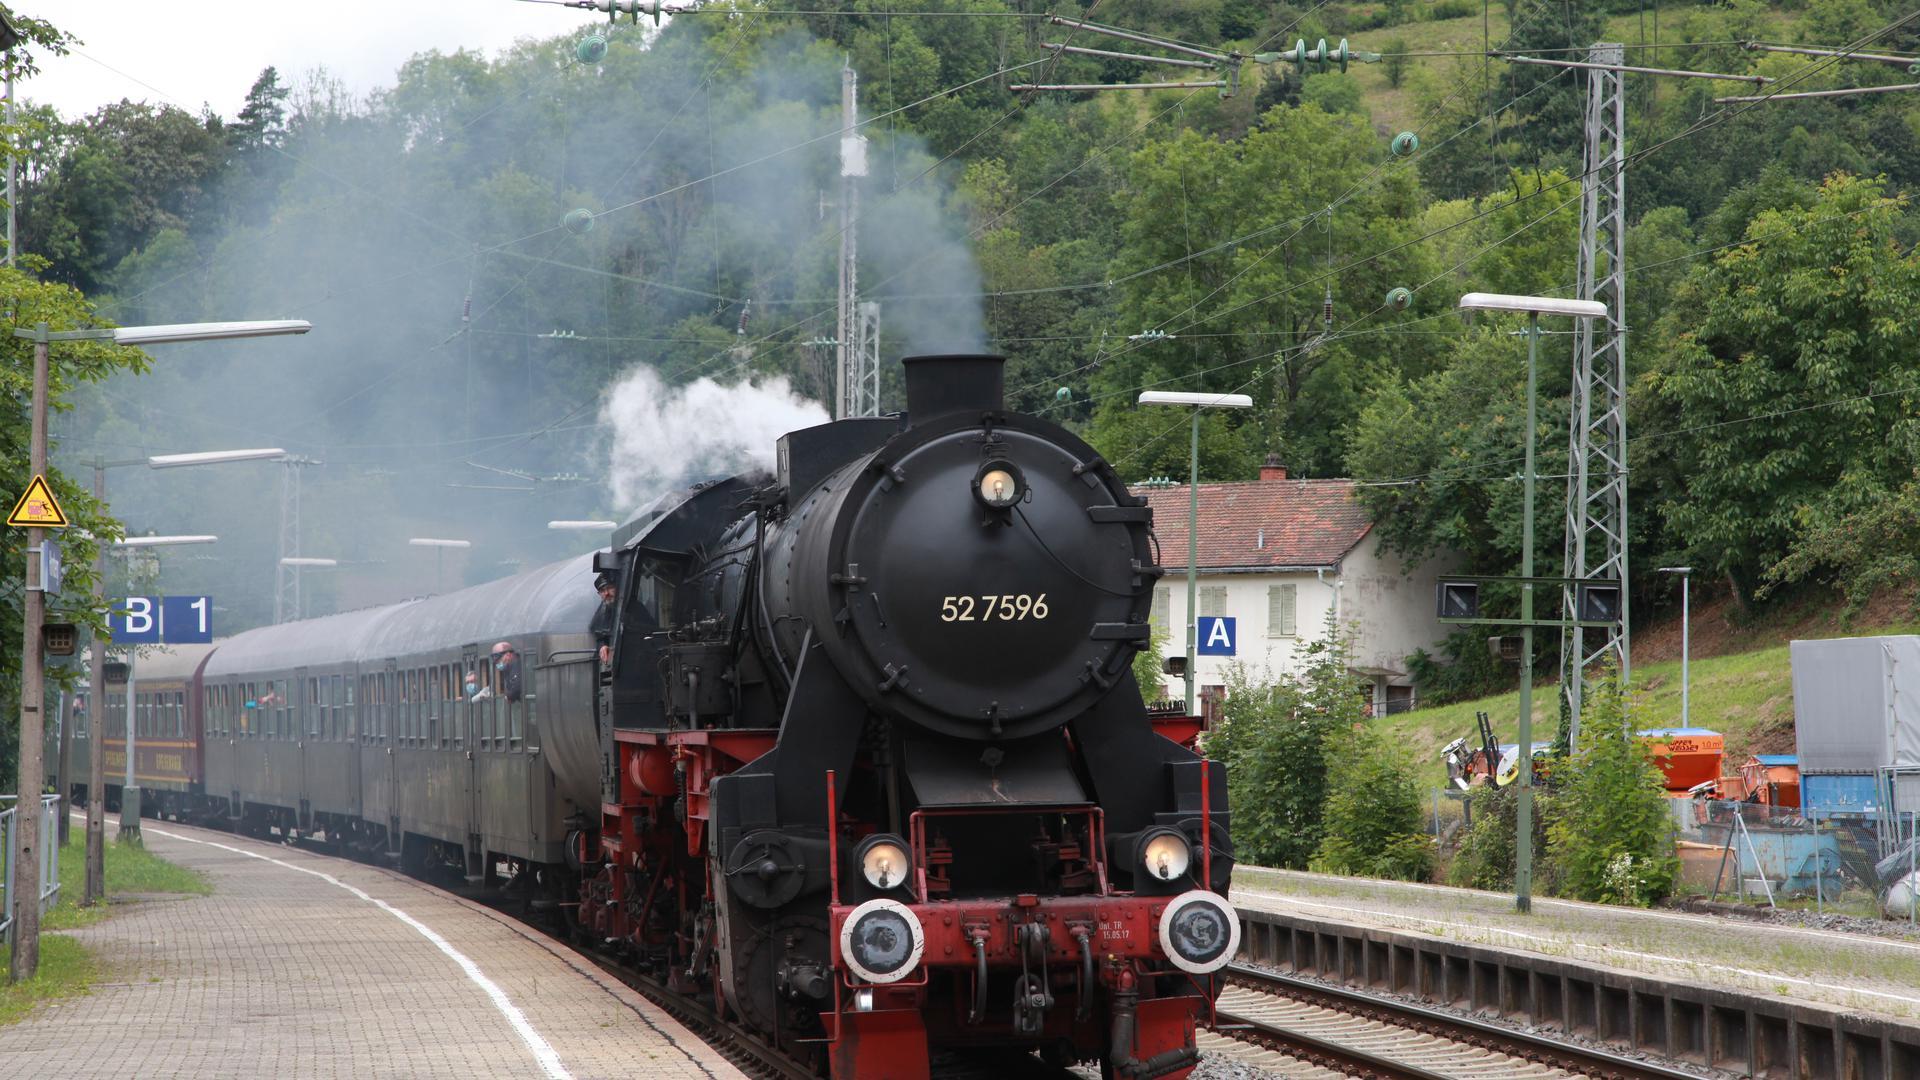 Hornberg, hier Hornberg: Güterzug-Dampflok 52 7596 fährt pünktlich auf Gleis 1 ein. Nach kurzem Halt geht es weiter über Triberg nach St. Georgen im Schwarzwald. Foto: